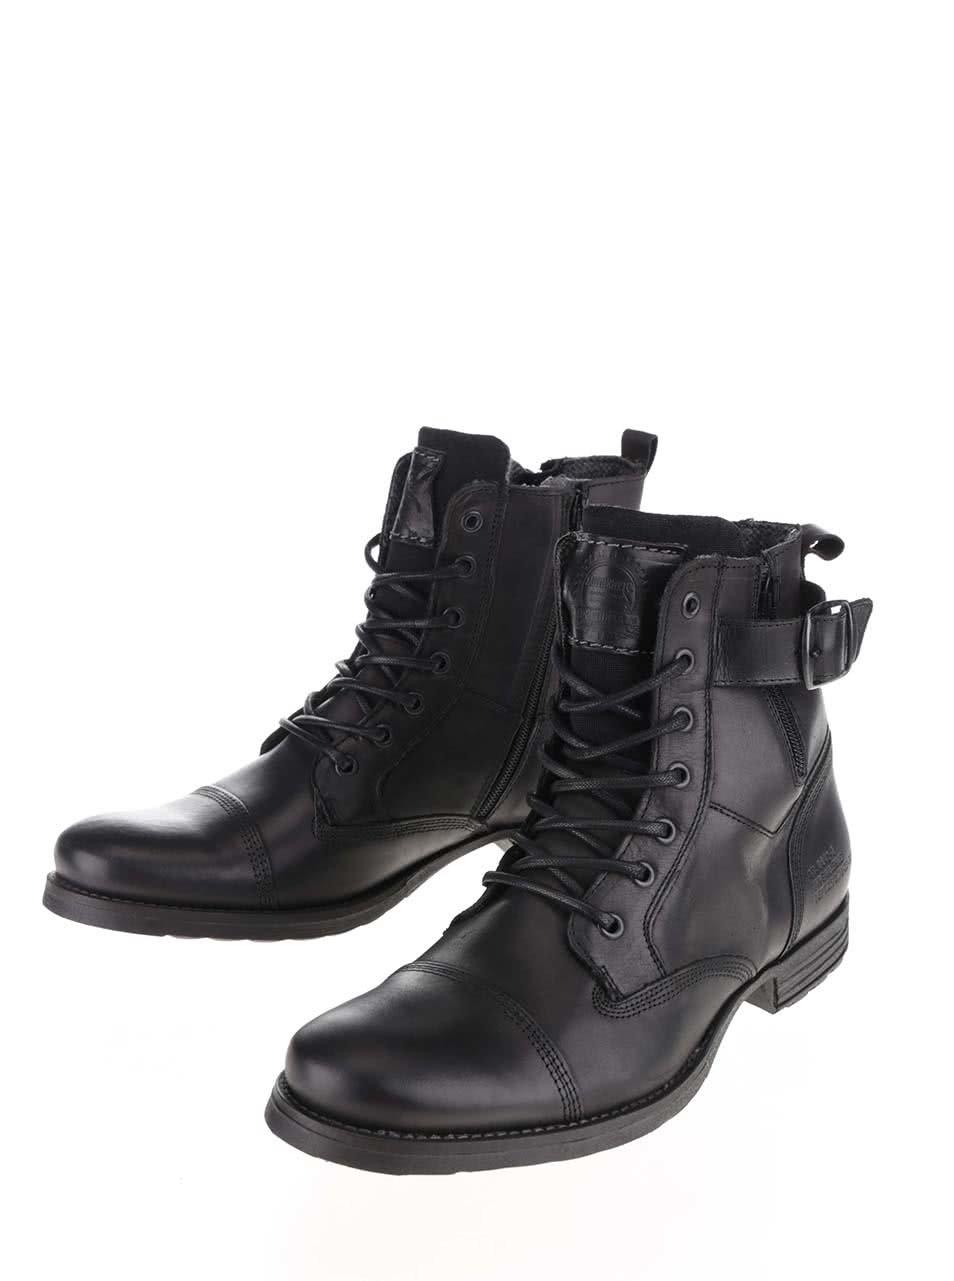 4051013f0f6a Čierne pánske kožené topánky s prackou Bullboxer ...